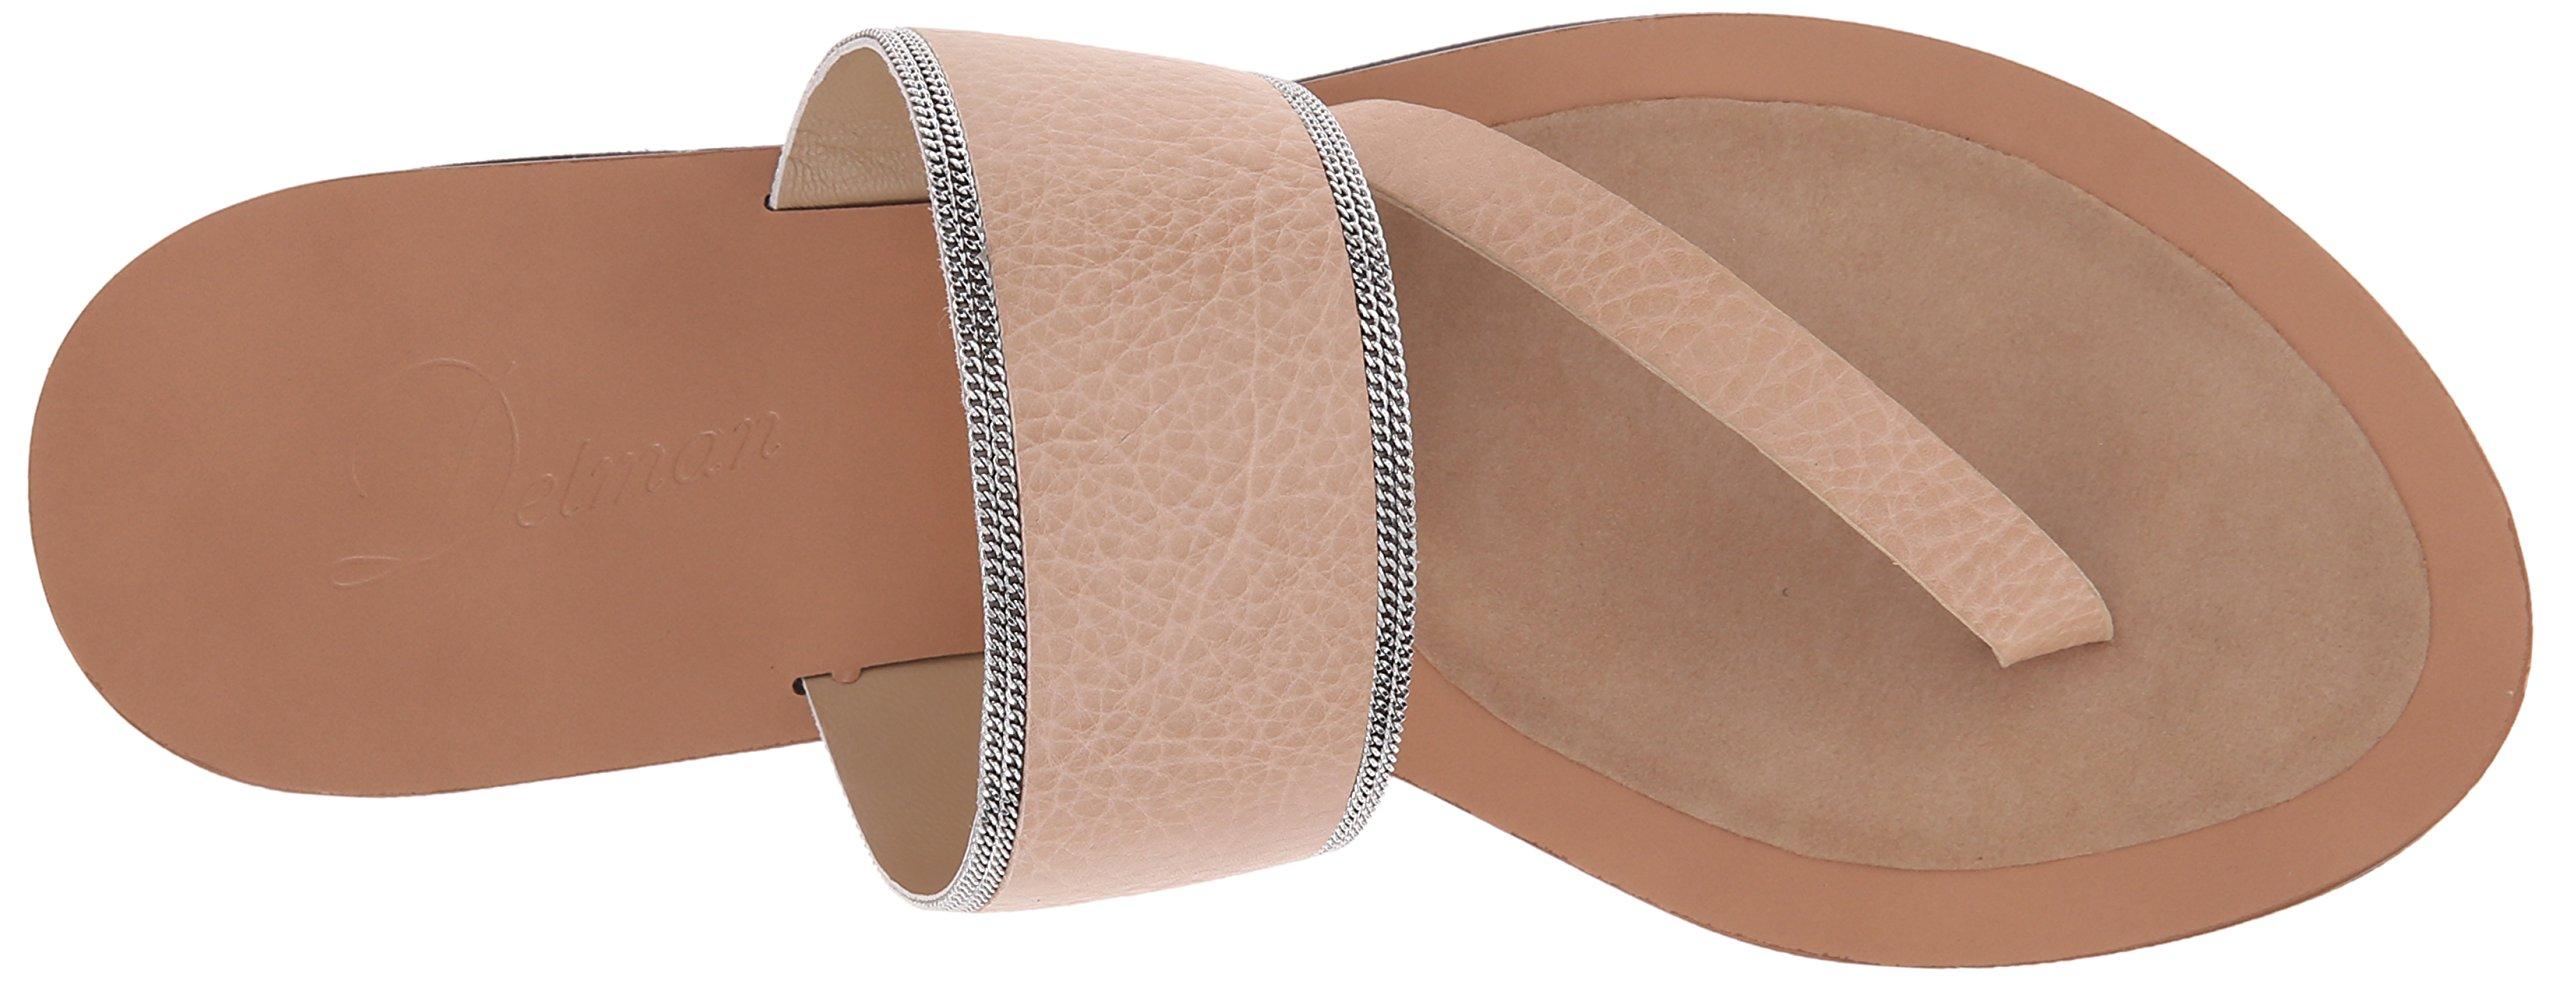 Delman Women's D-Una-V Slide Sandal, Sand Dune Vachetta/Fine Chain, 9.5 M US by Delman (Image #8)